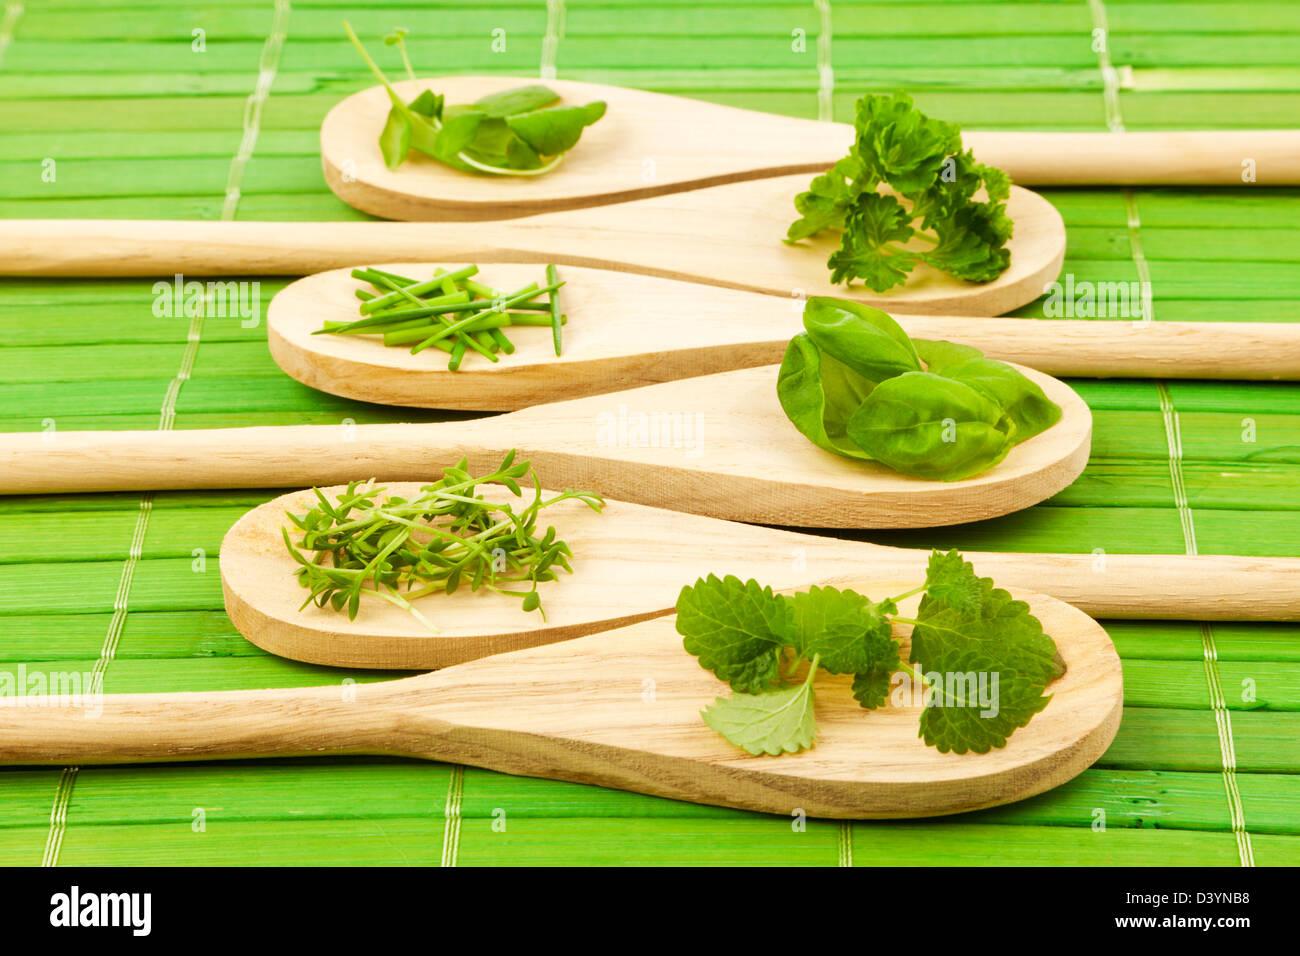 Varietà di erbe su cucchiai di legno Immagini Stock